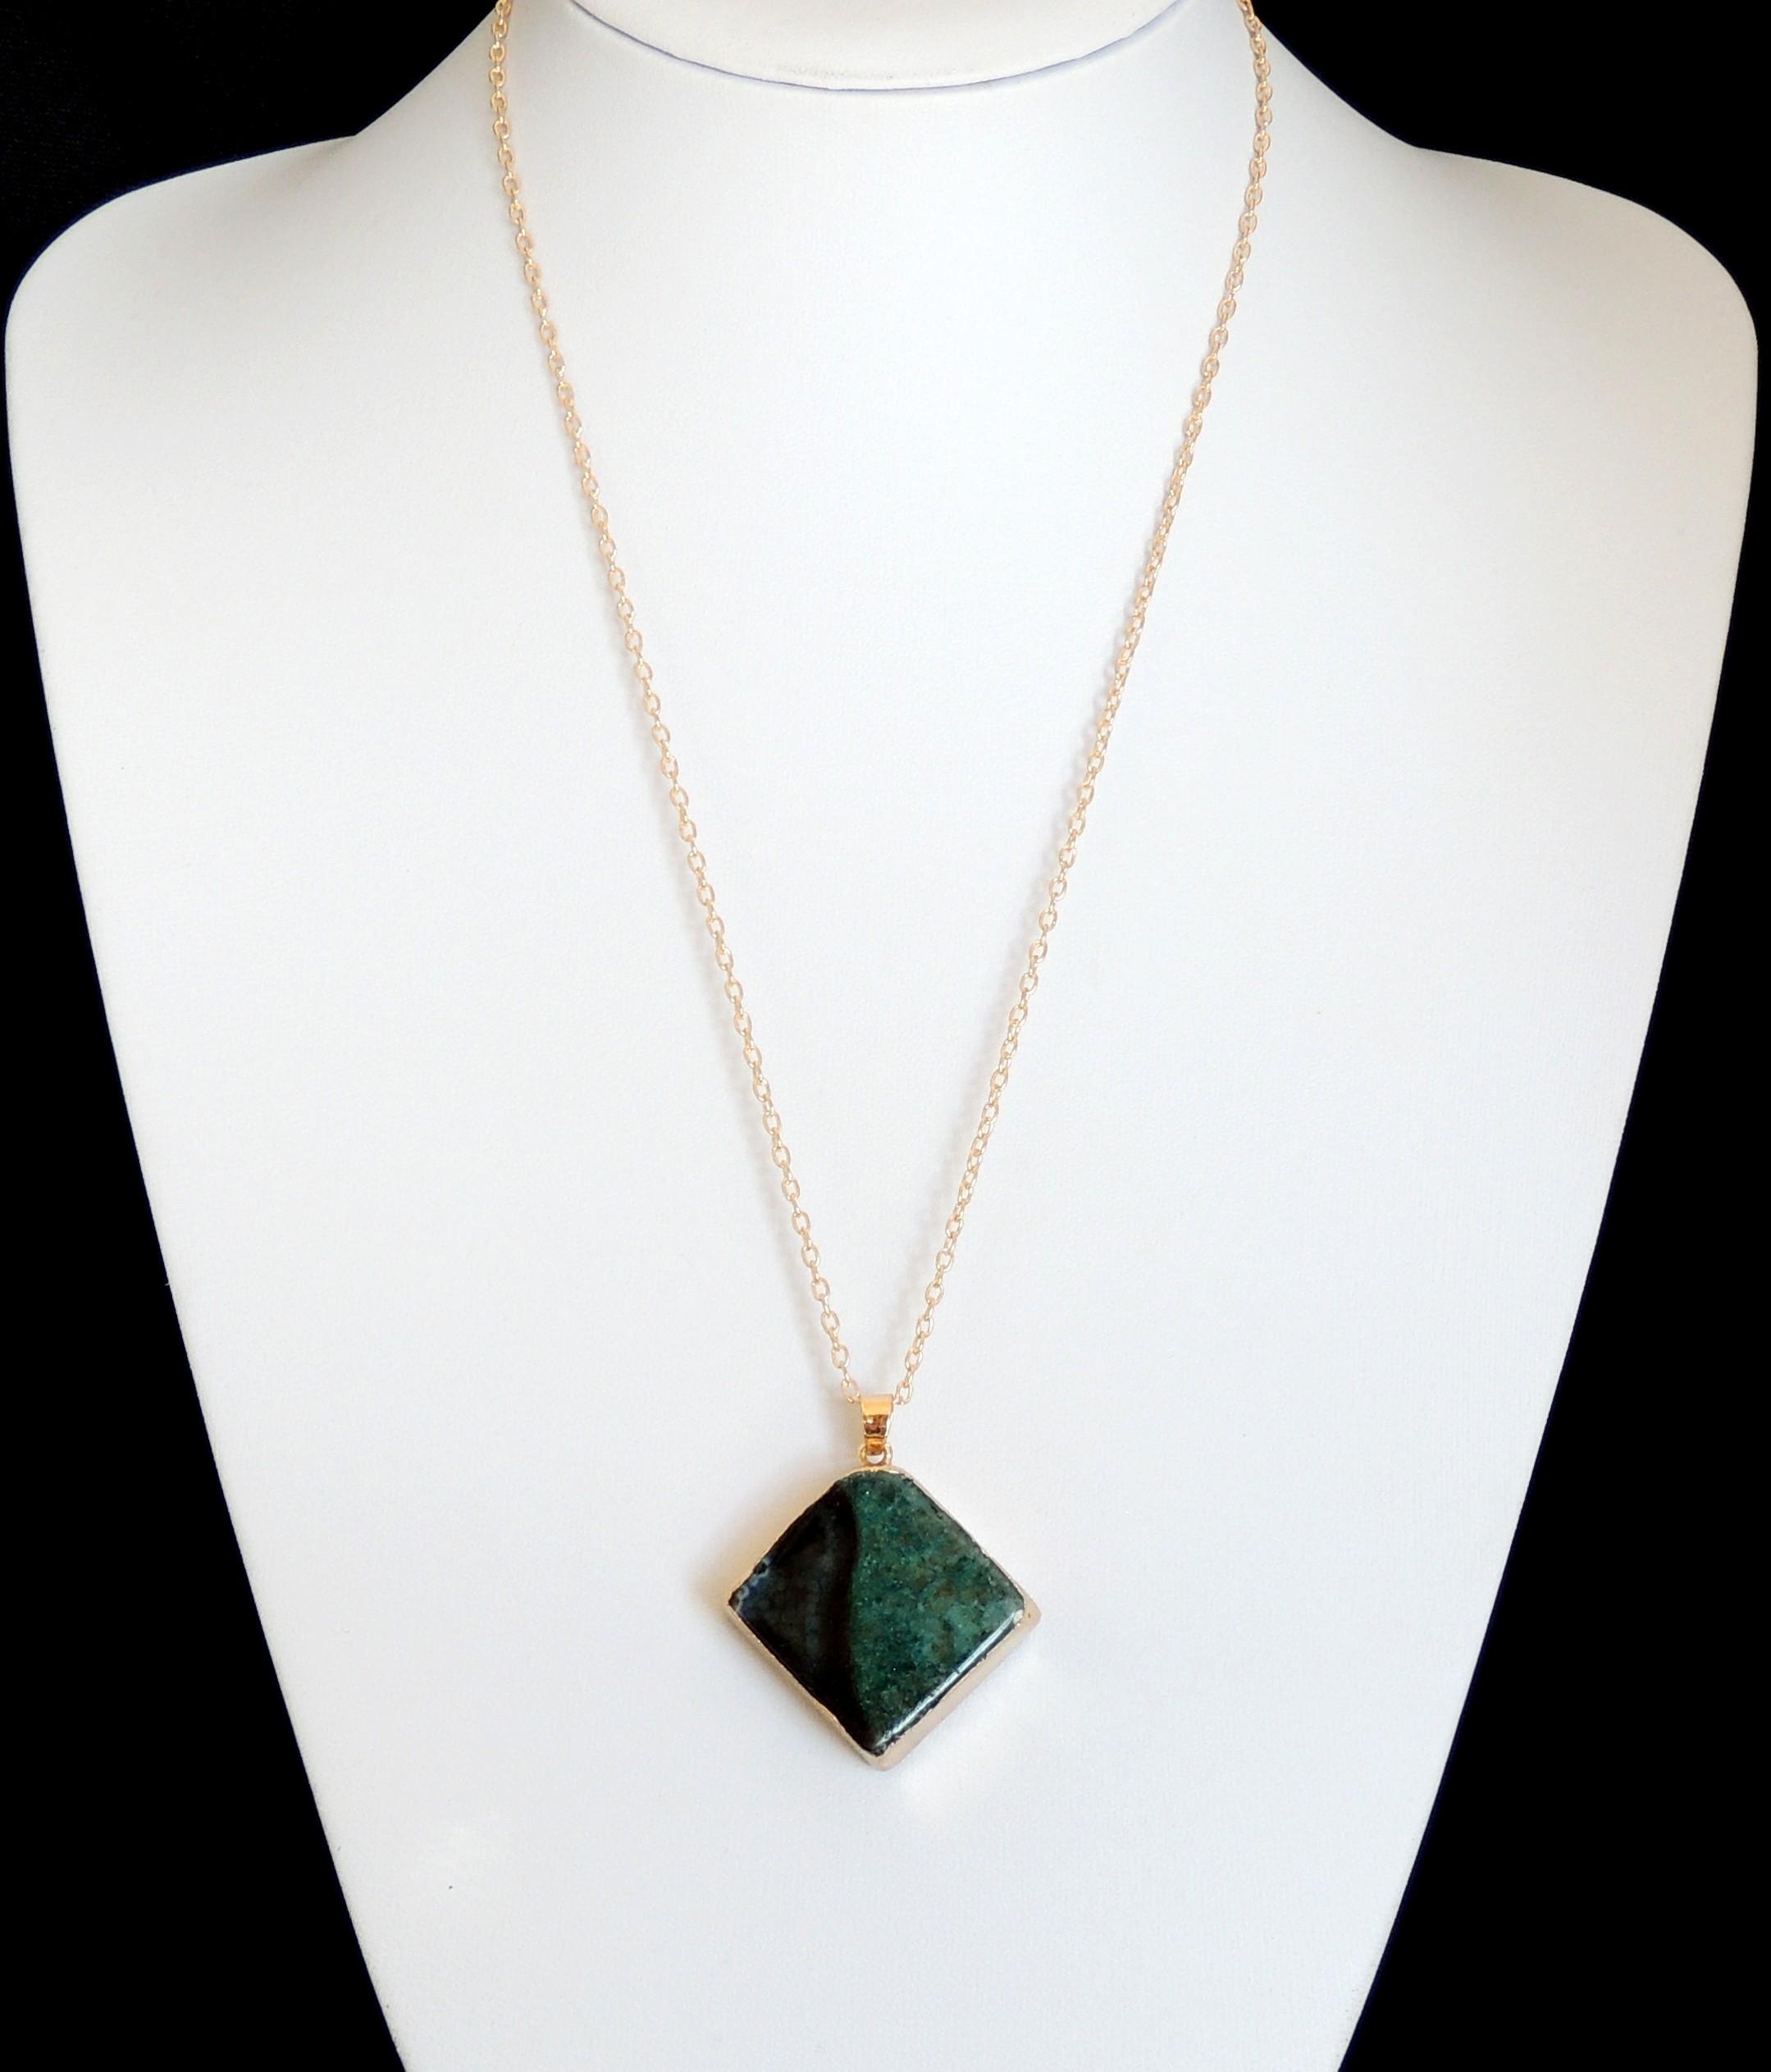 super populaire 6621d 1f007 collier avec un pendentif en pierre semi-précieuse dans des tons de vert